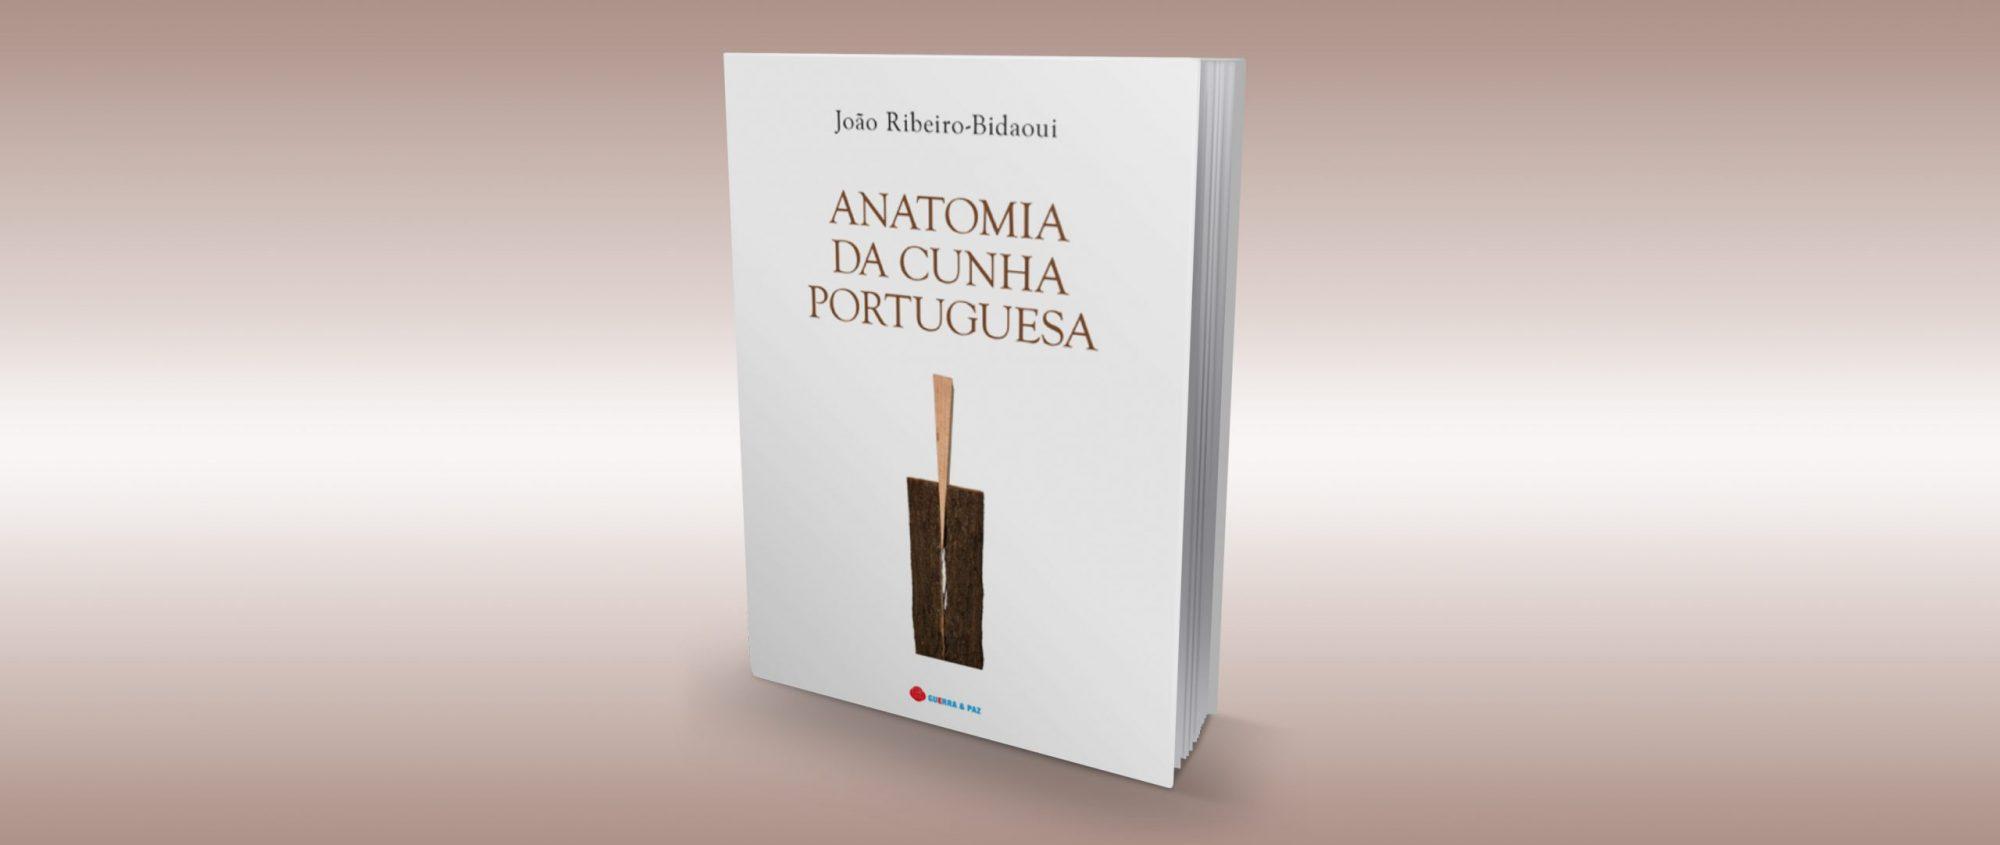 Boletim da OA | Anatomia da cunha